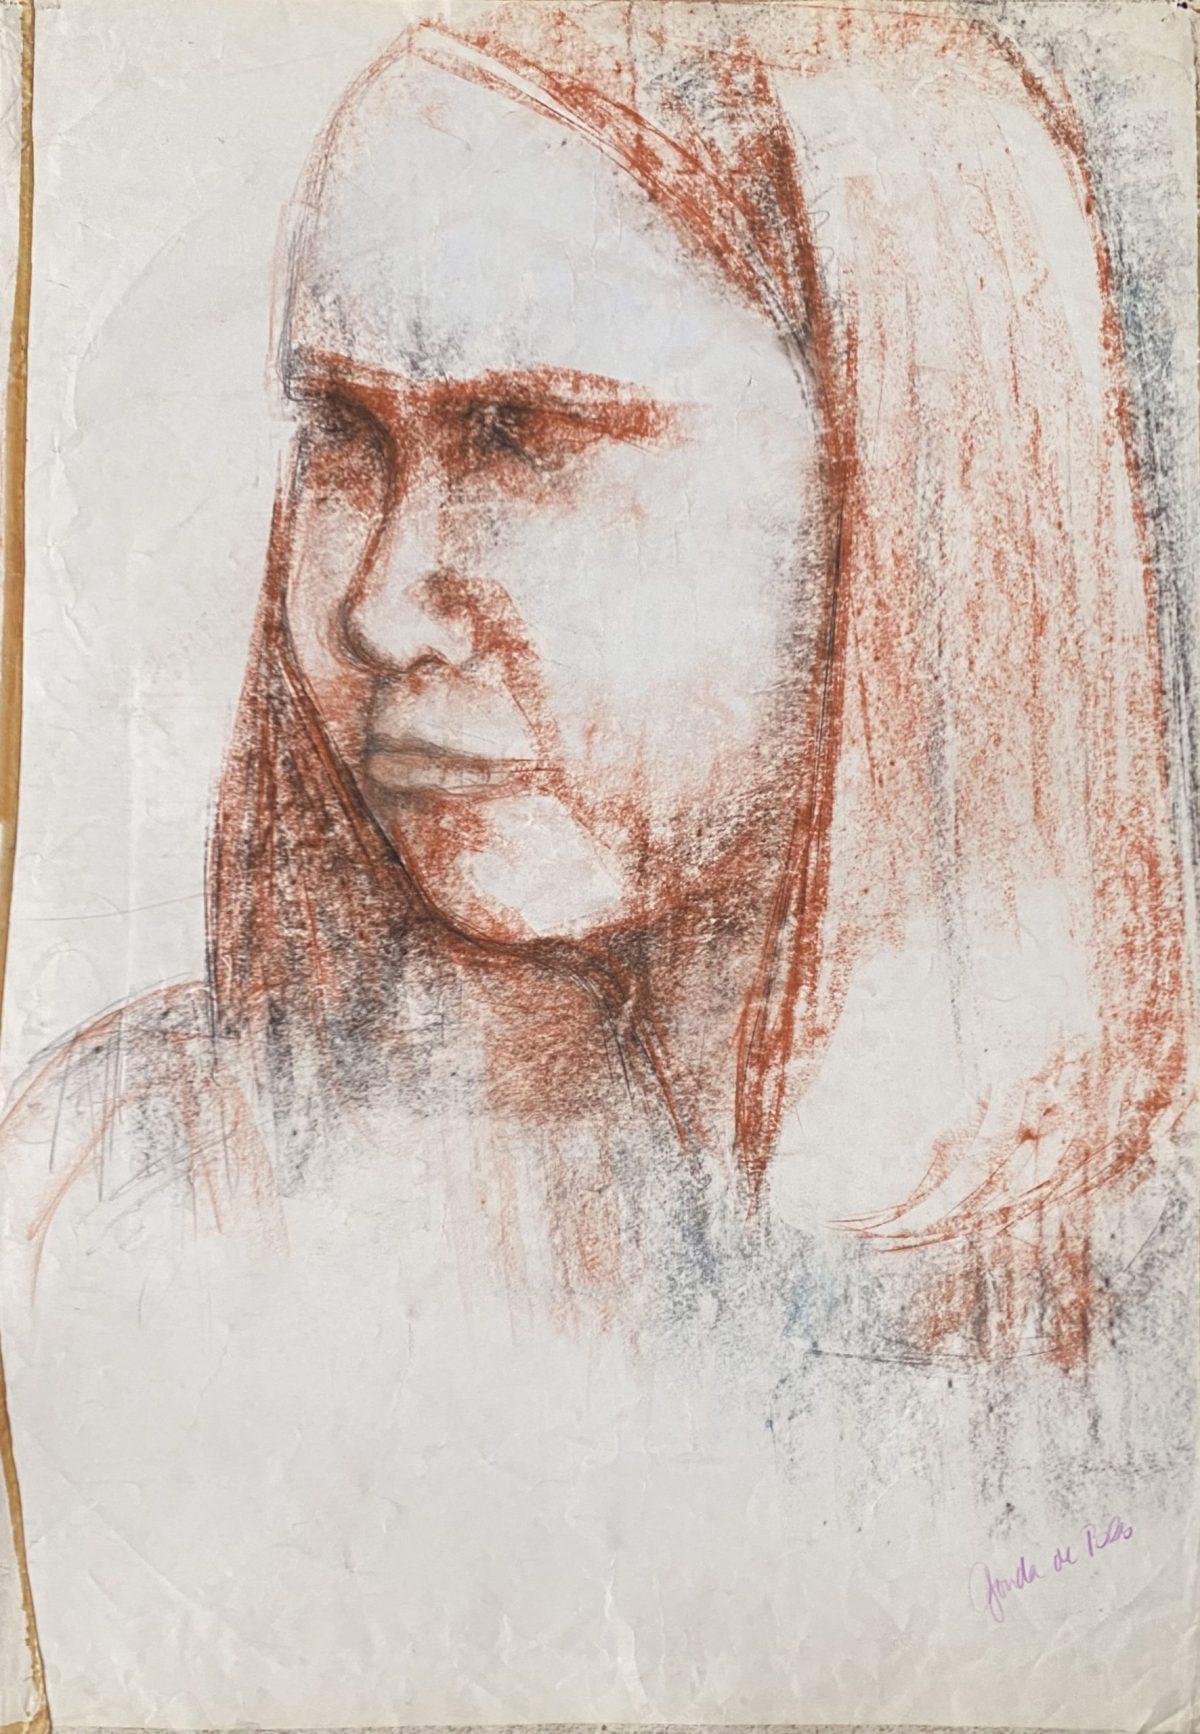 Magda (Gonda de Bles)